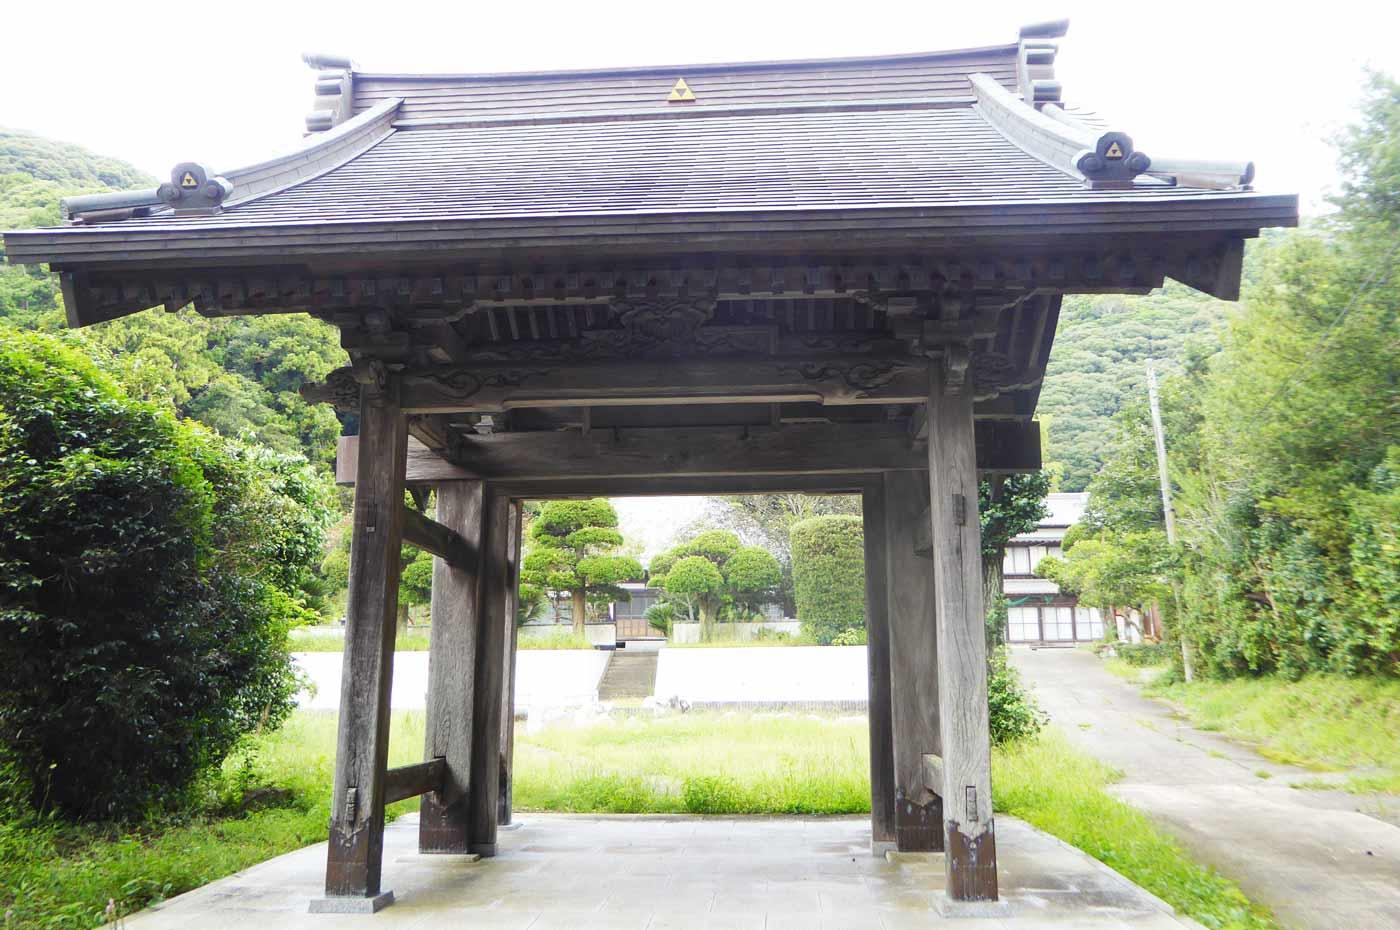 慈雲寺山門を正面から撮影